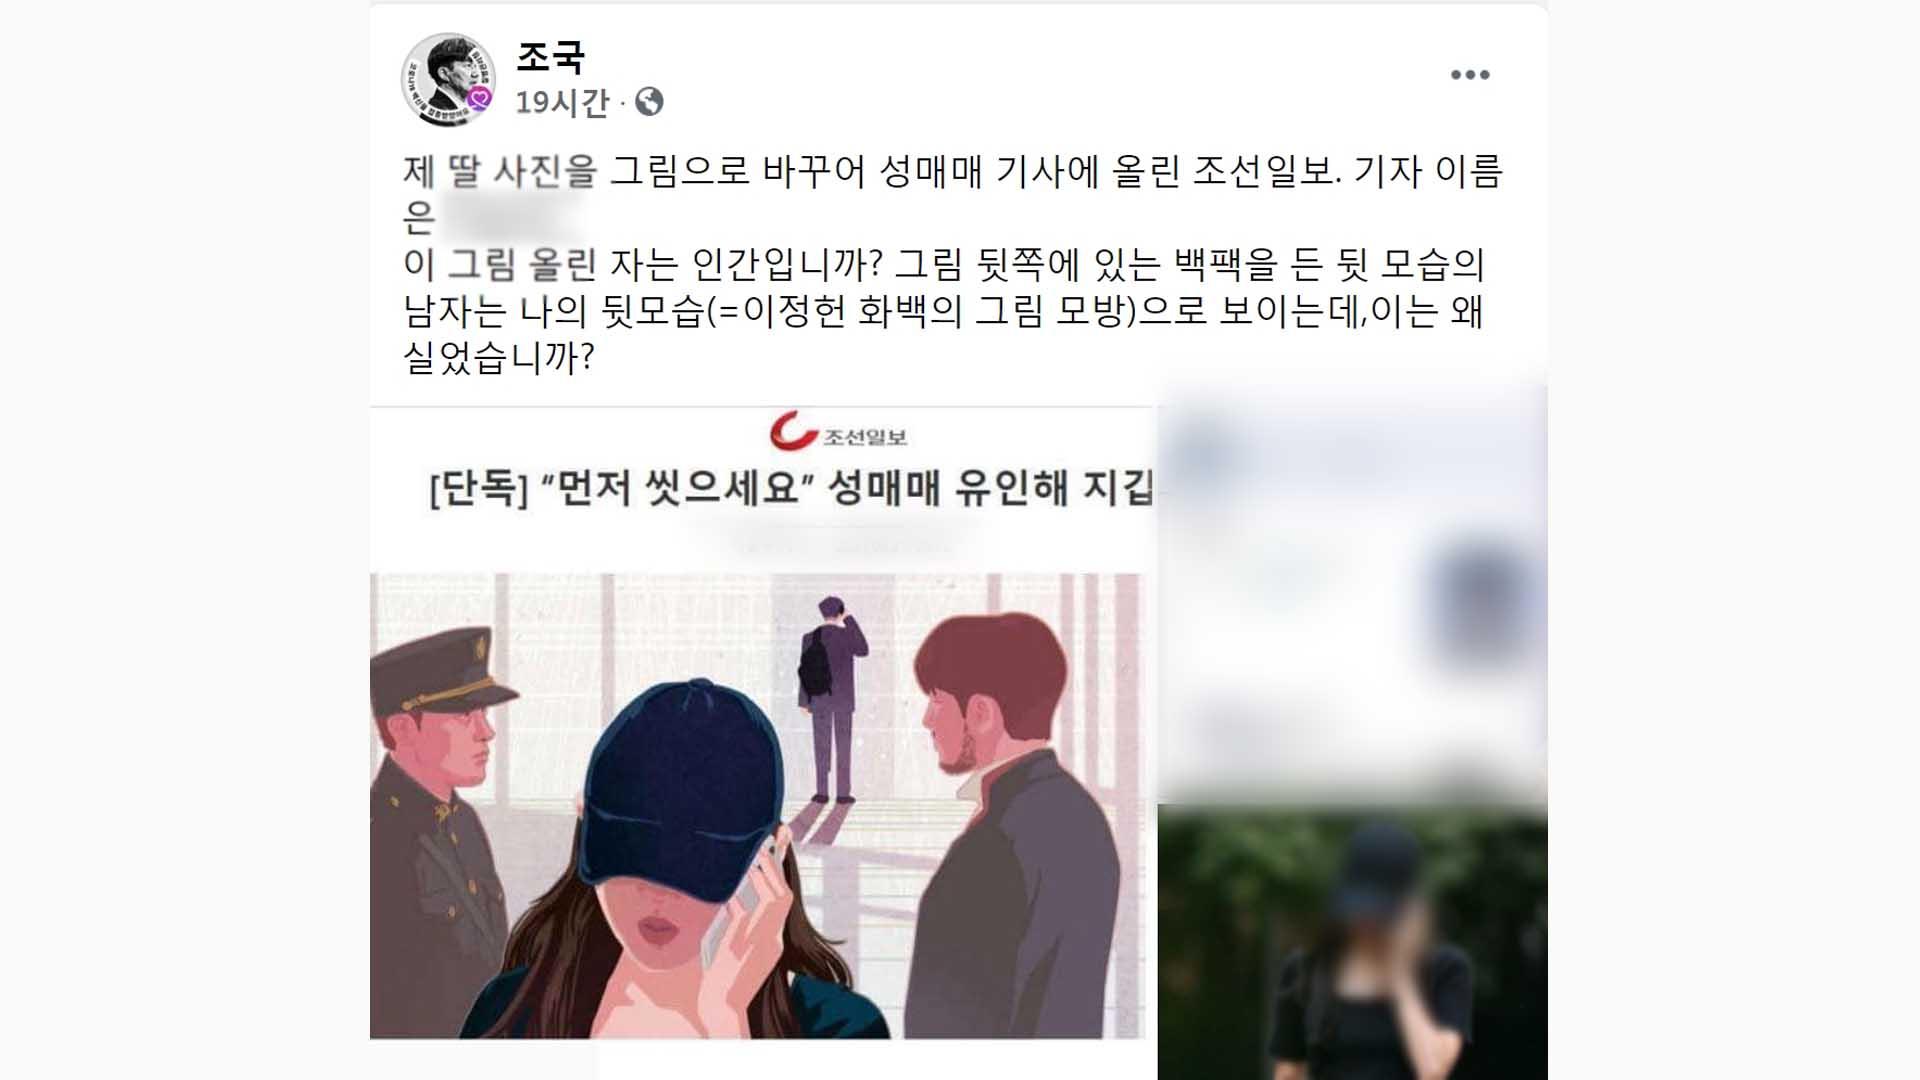 조선일보, 성매매 관련 기사에 조국 부녀 삽화 썼다 교체